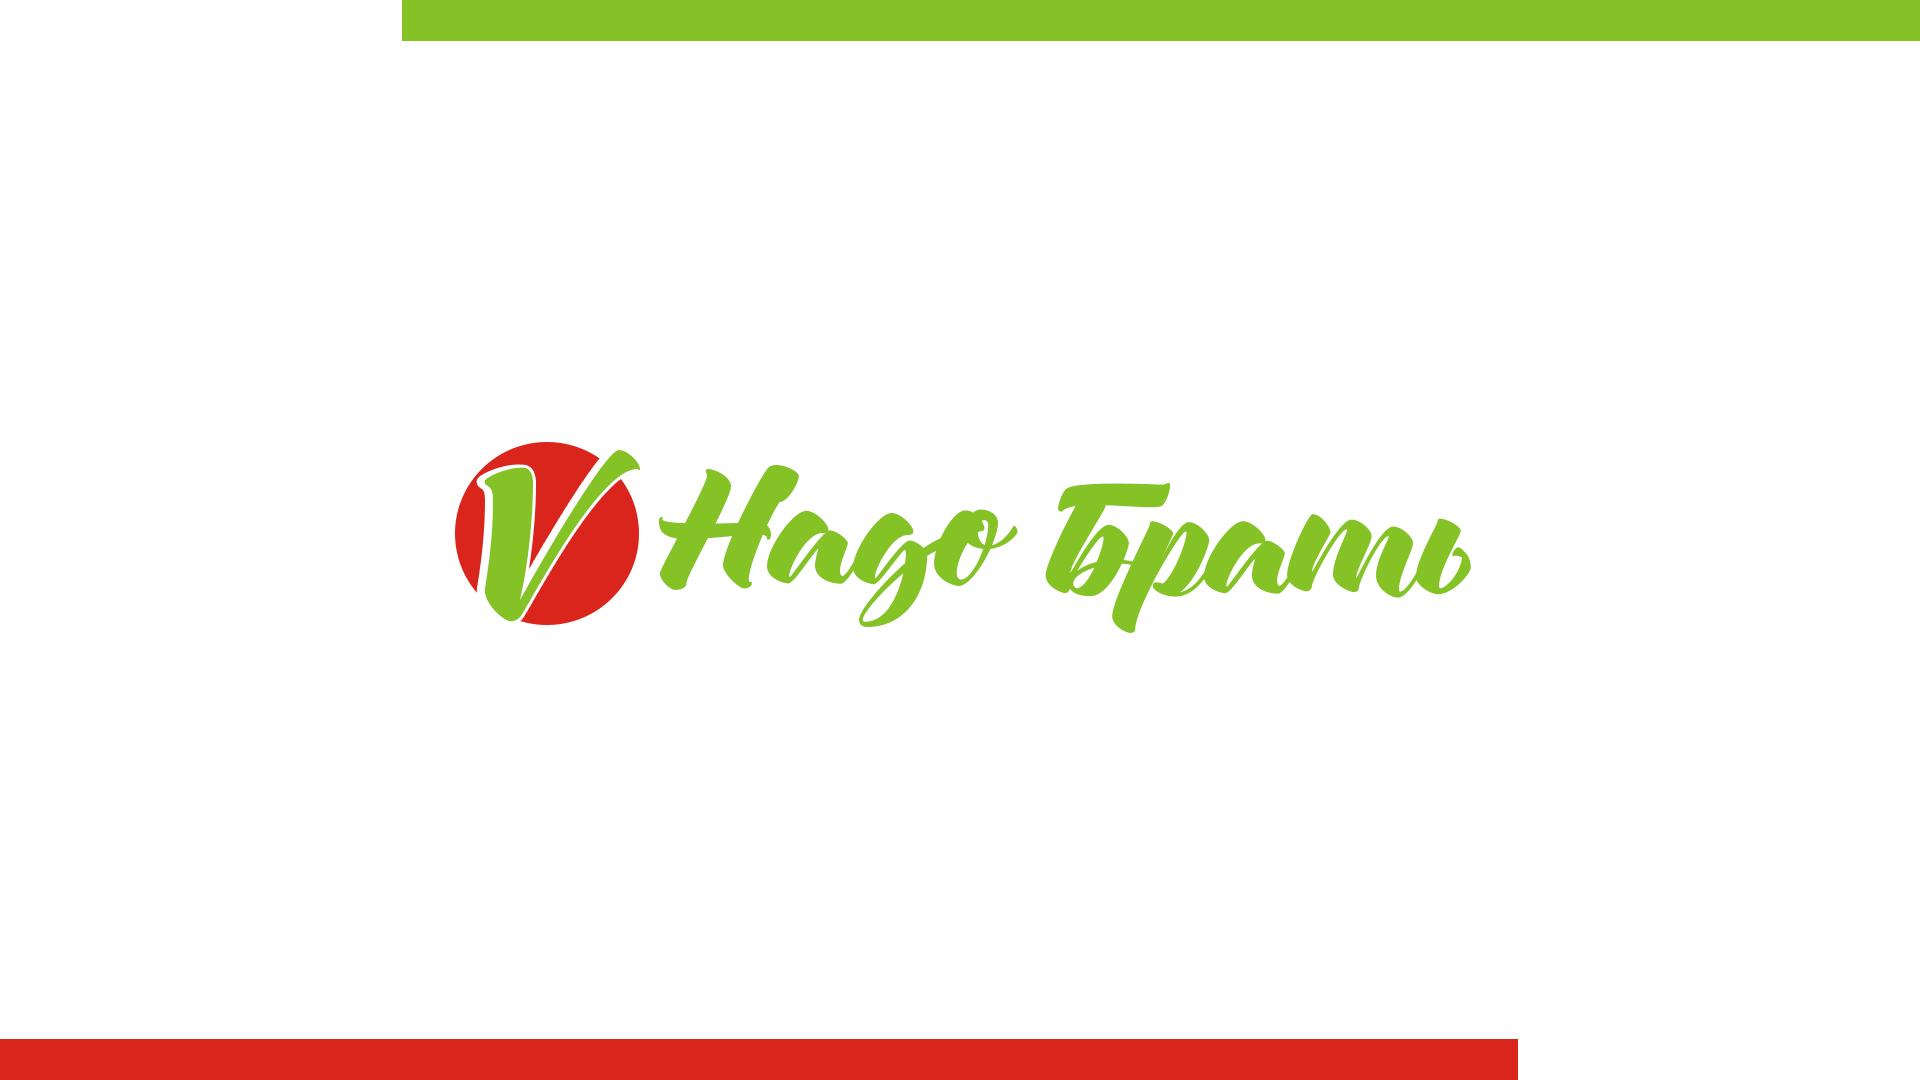 Дизайн логотипа и упаковки СТМ фото f_5885c58b8e63e397.png